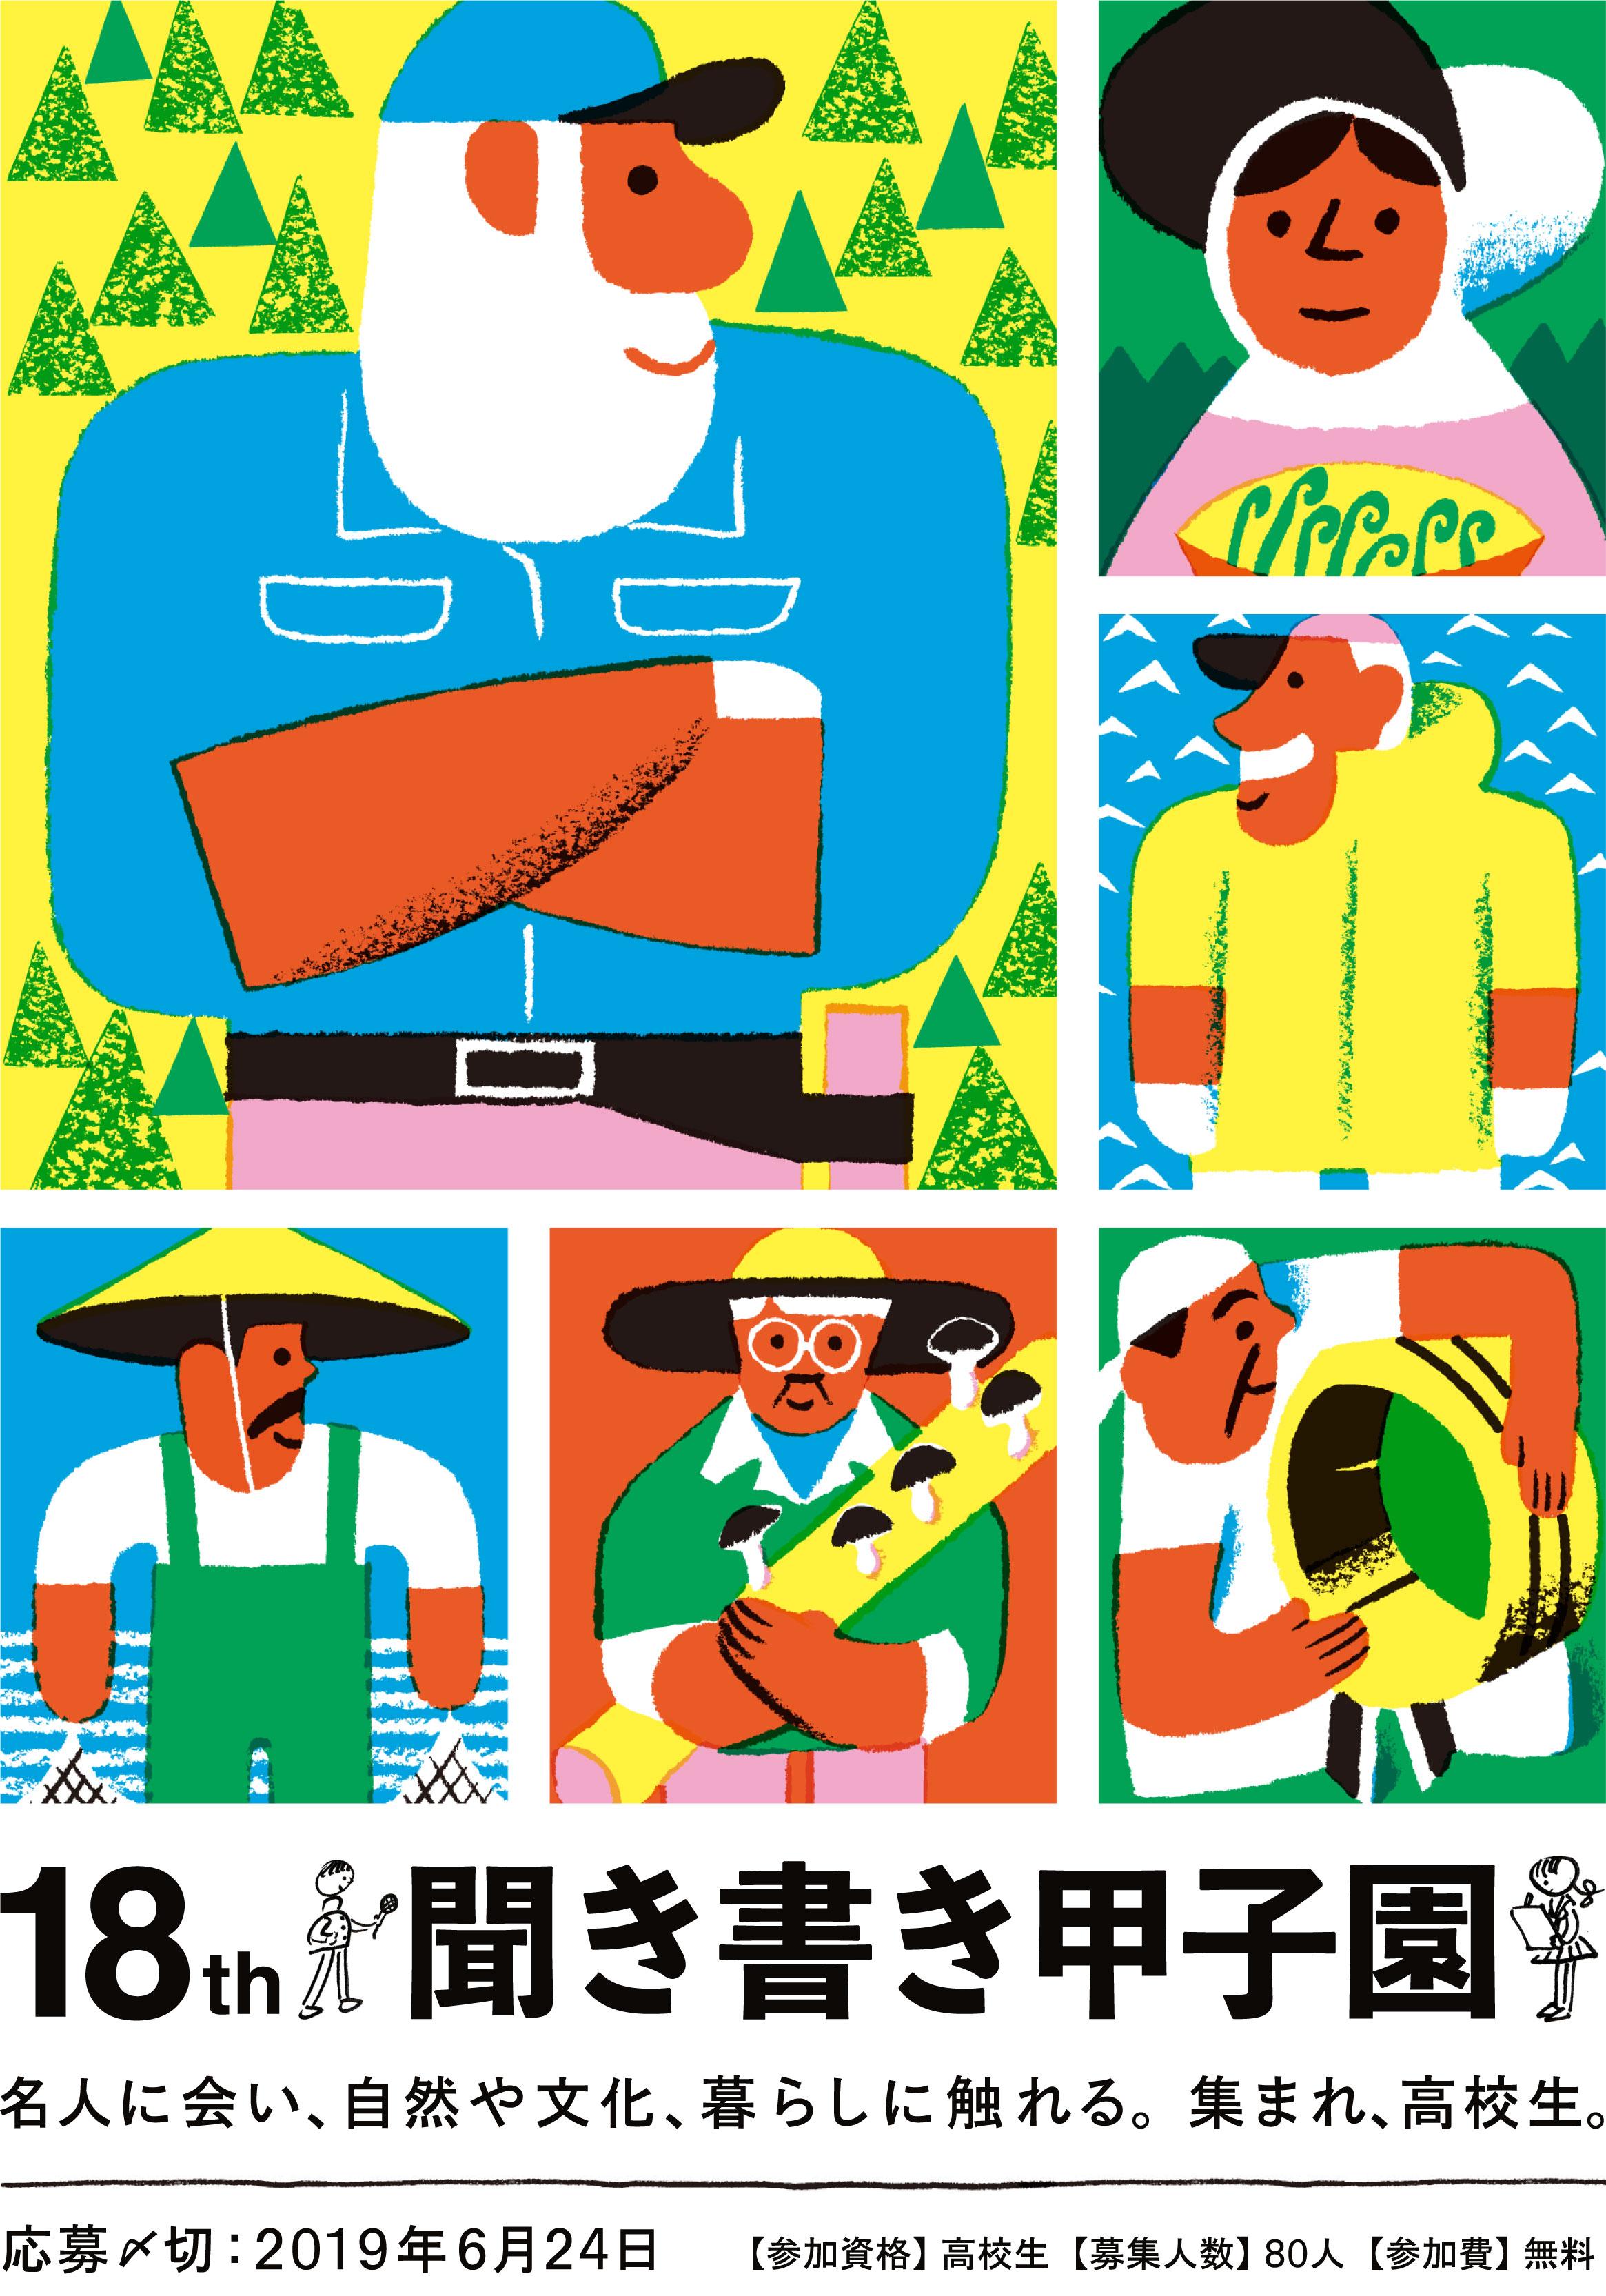 18th 聞き書き甲子園